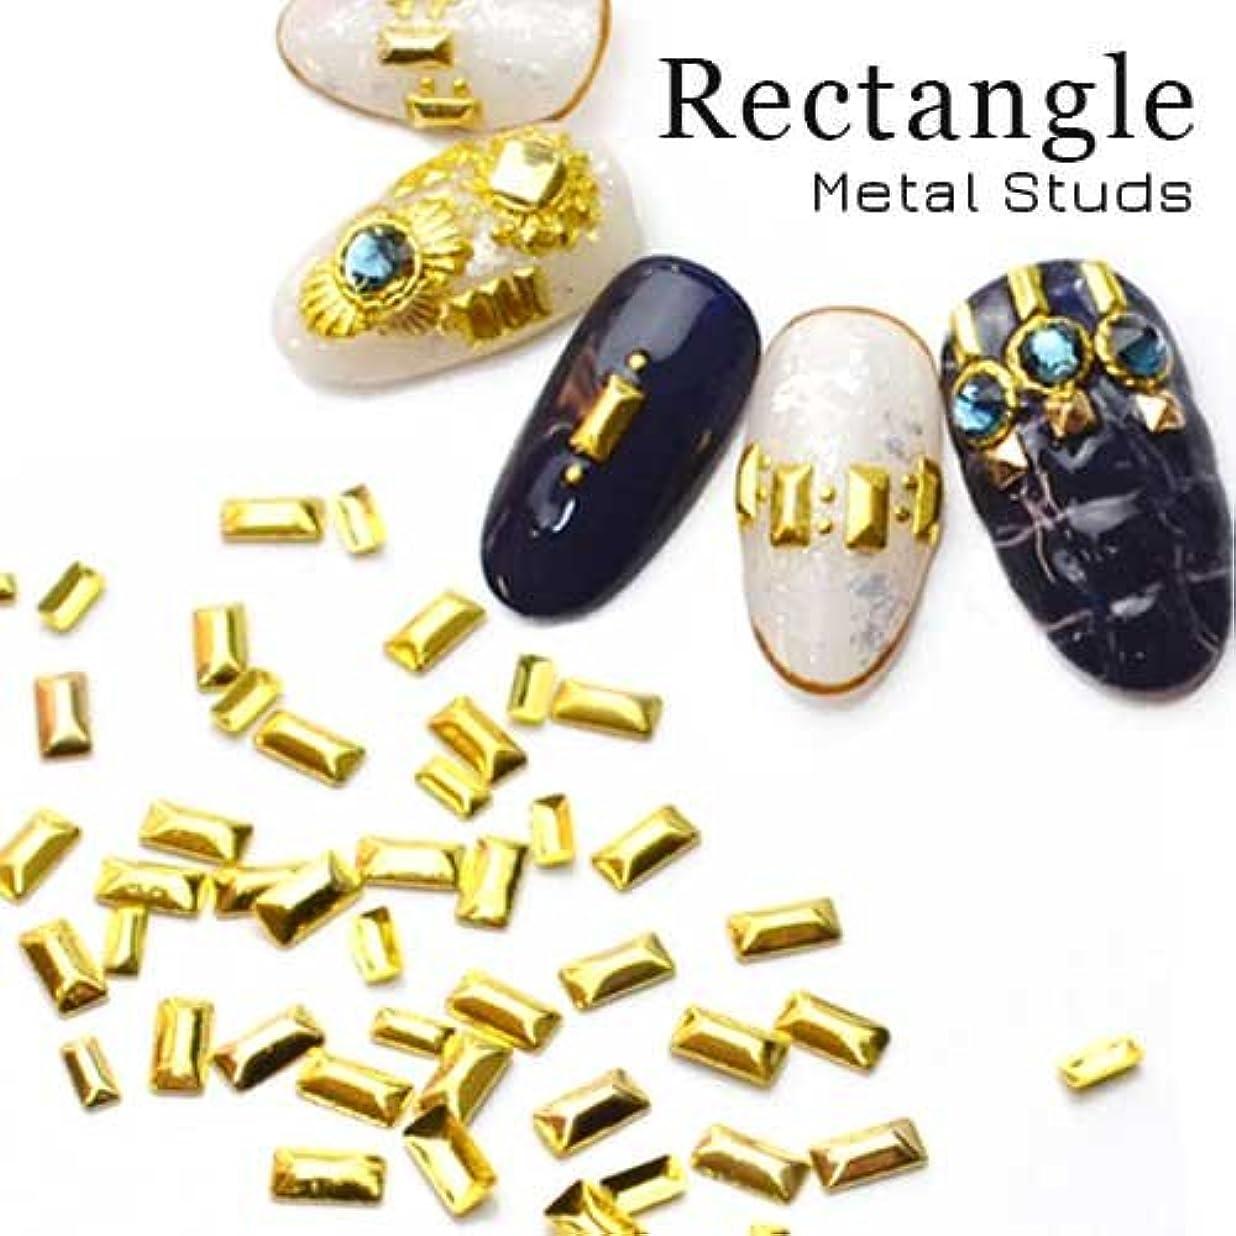 反逆者相互アスペクトレクタングルメタルスタッズ[Sゴールド]約30粒入 ピラミッド メタルパーツ ジェルネイル